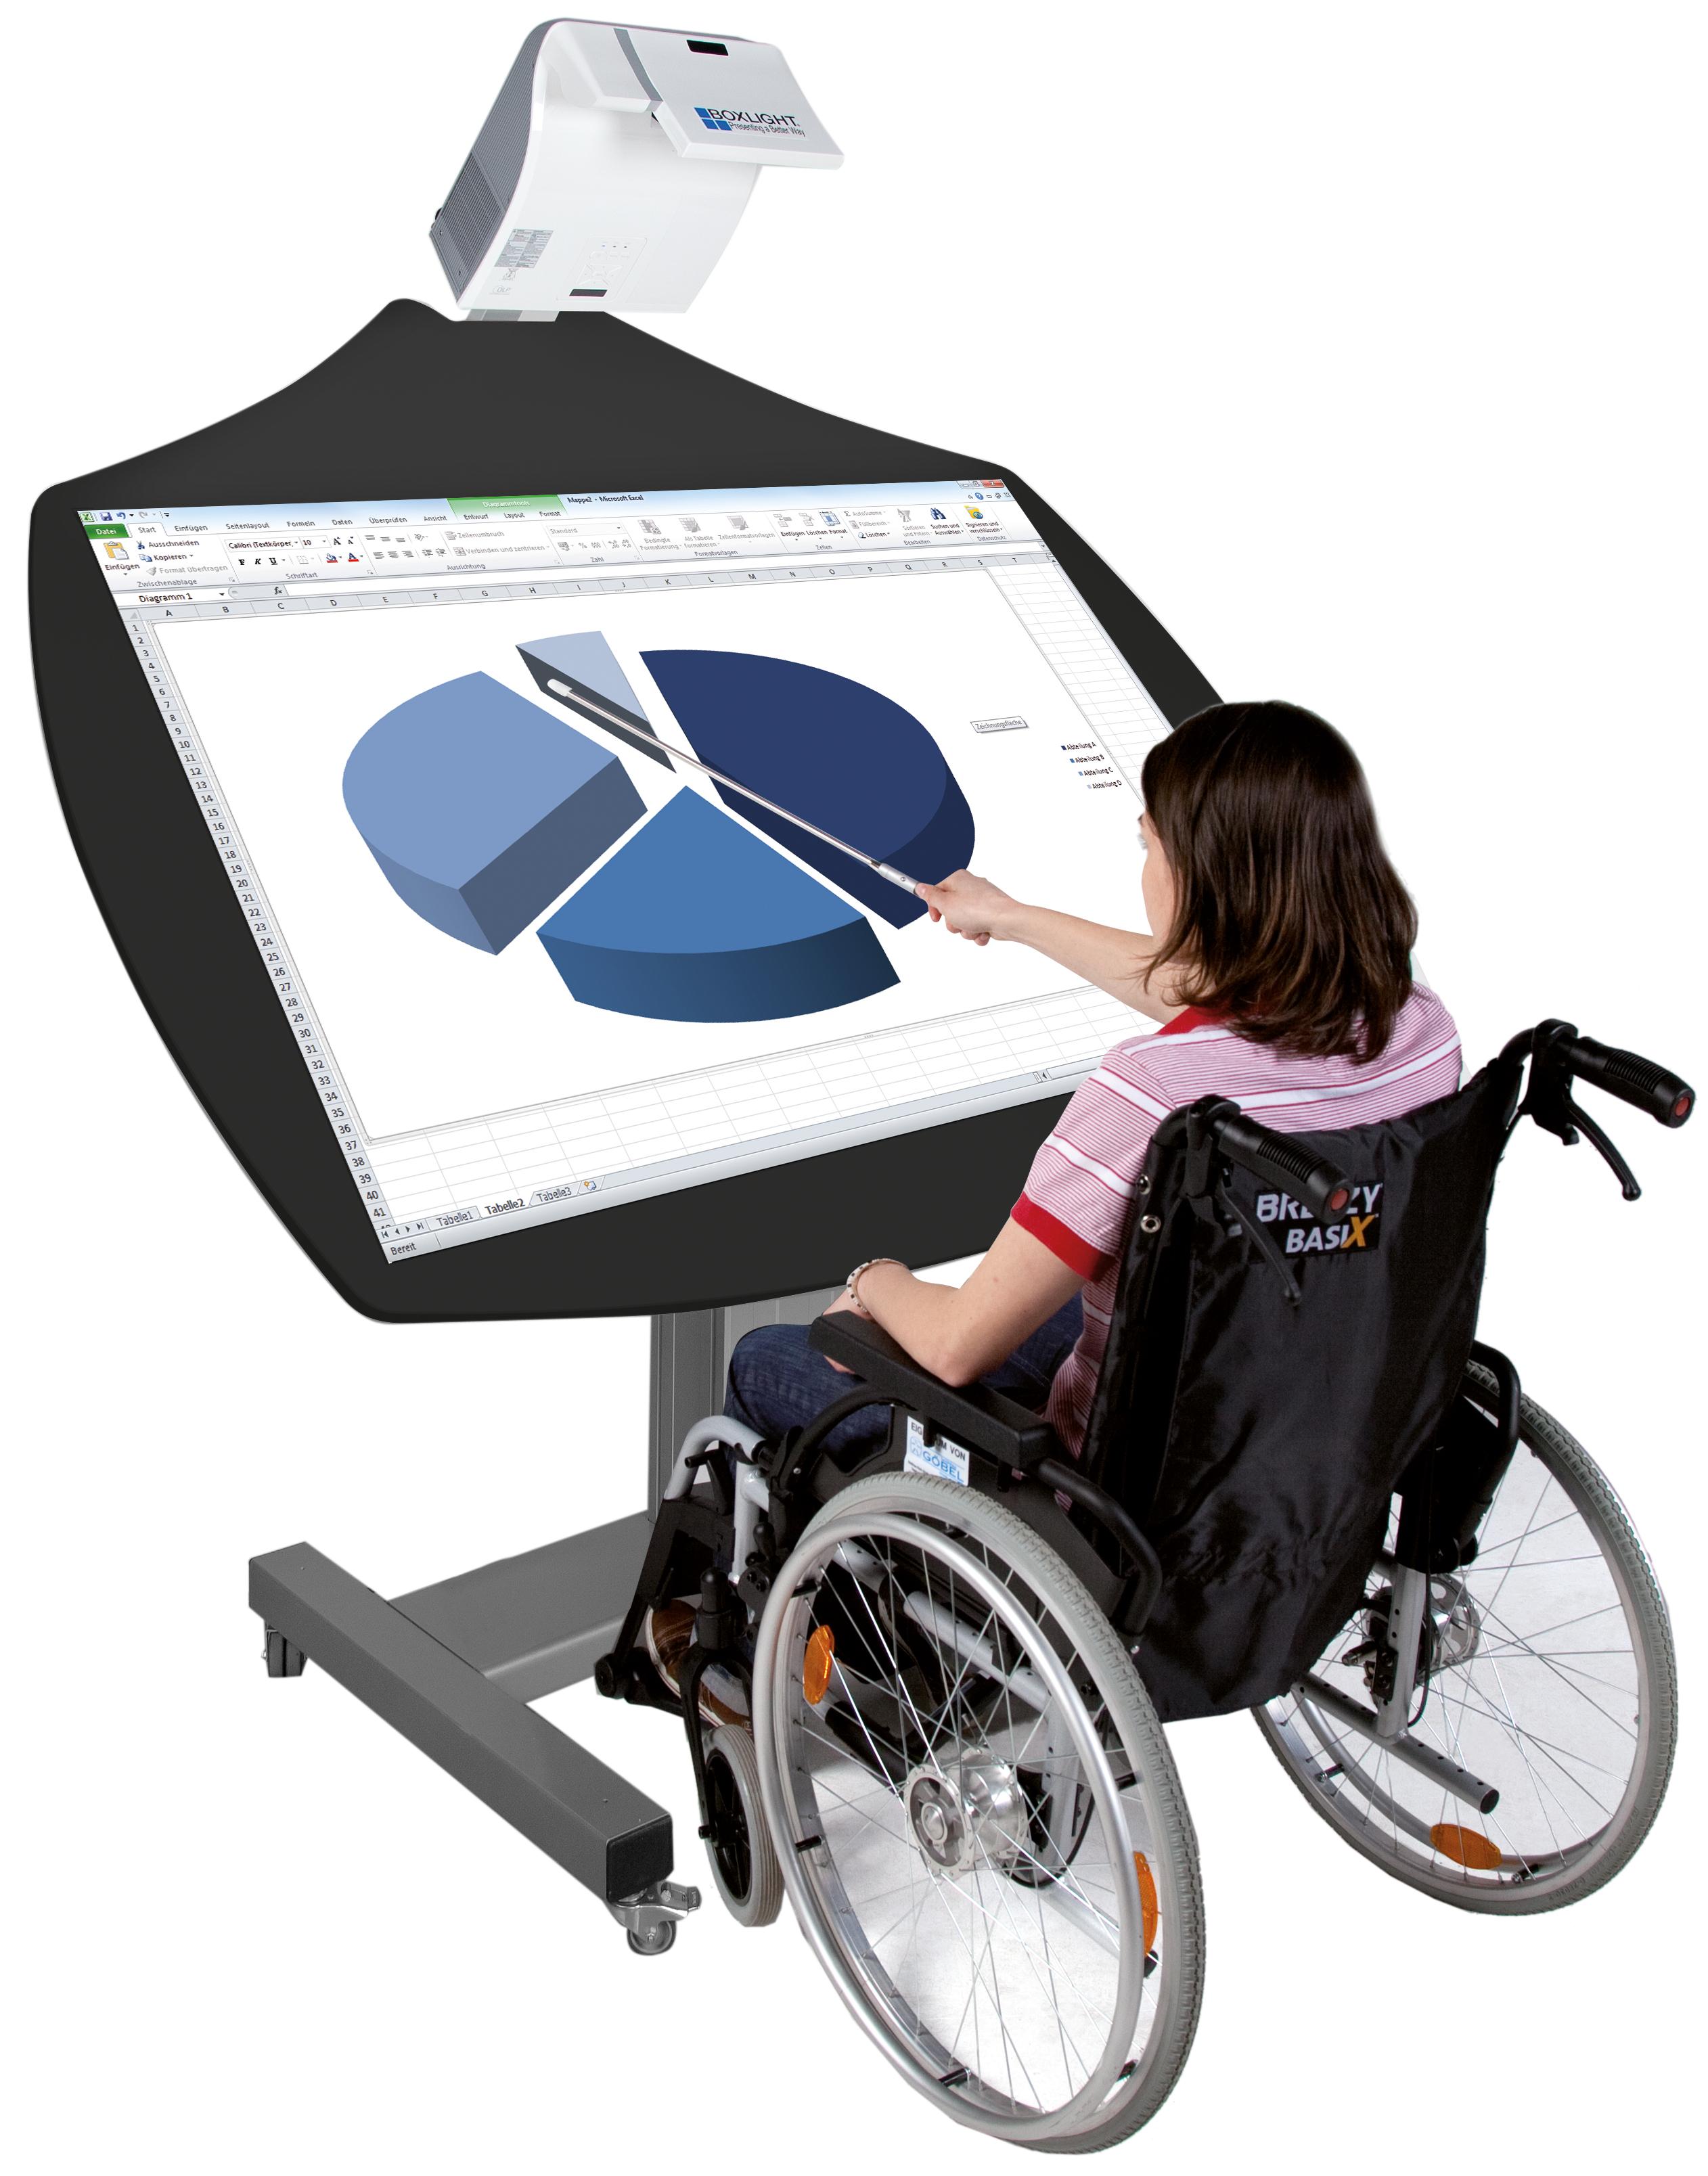 Ausili hardware per l'utilizzo dei dispositivi tecnologici da parte di utenti con disabilità